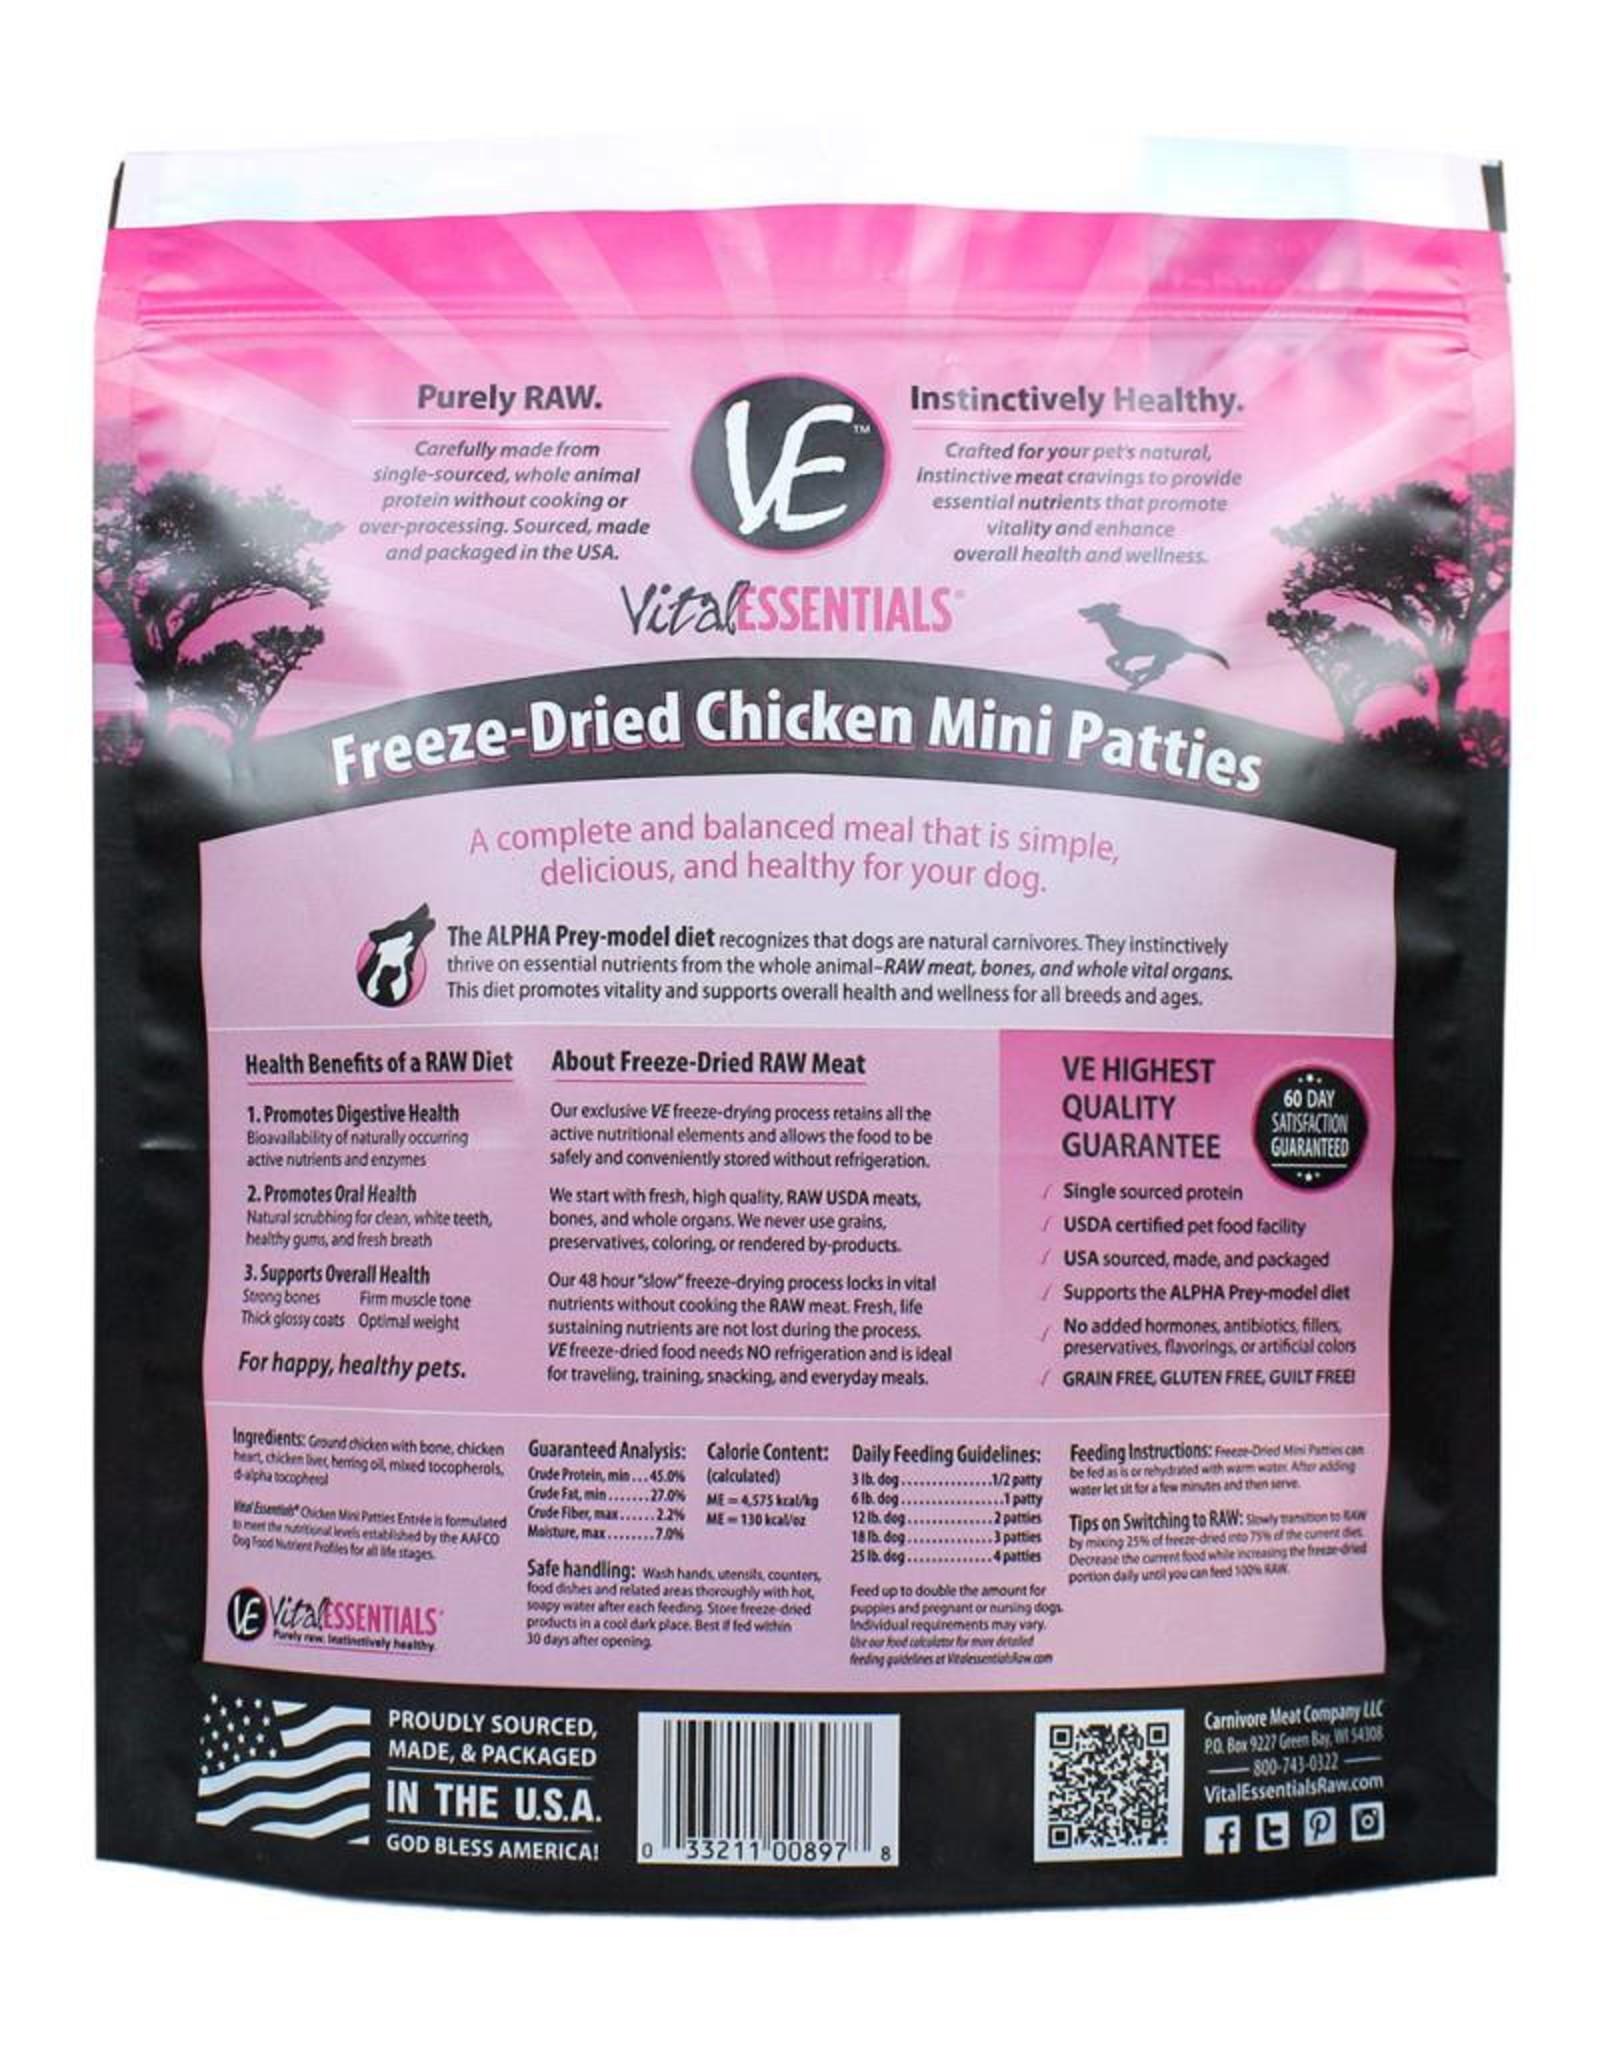 Vital Essentials Vital Essentials Dog Freeze-Dried Chicken Mini Patties 1lb